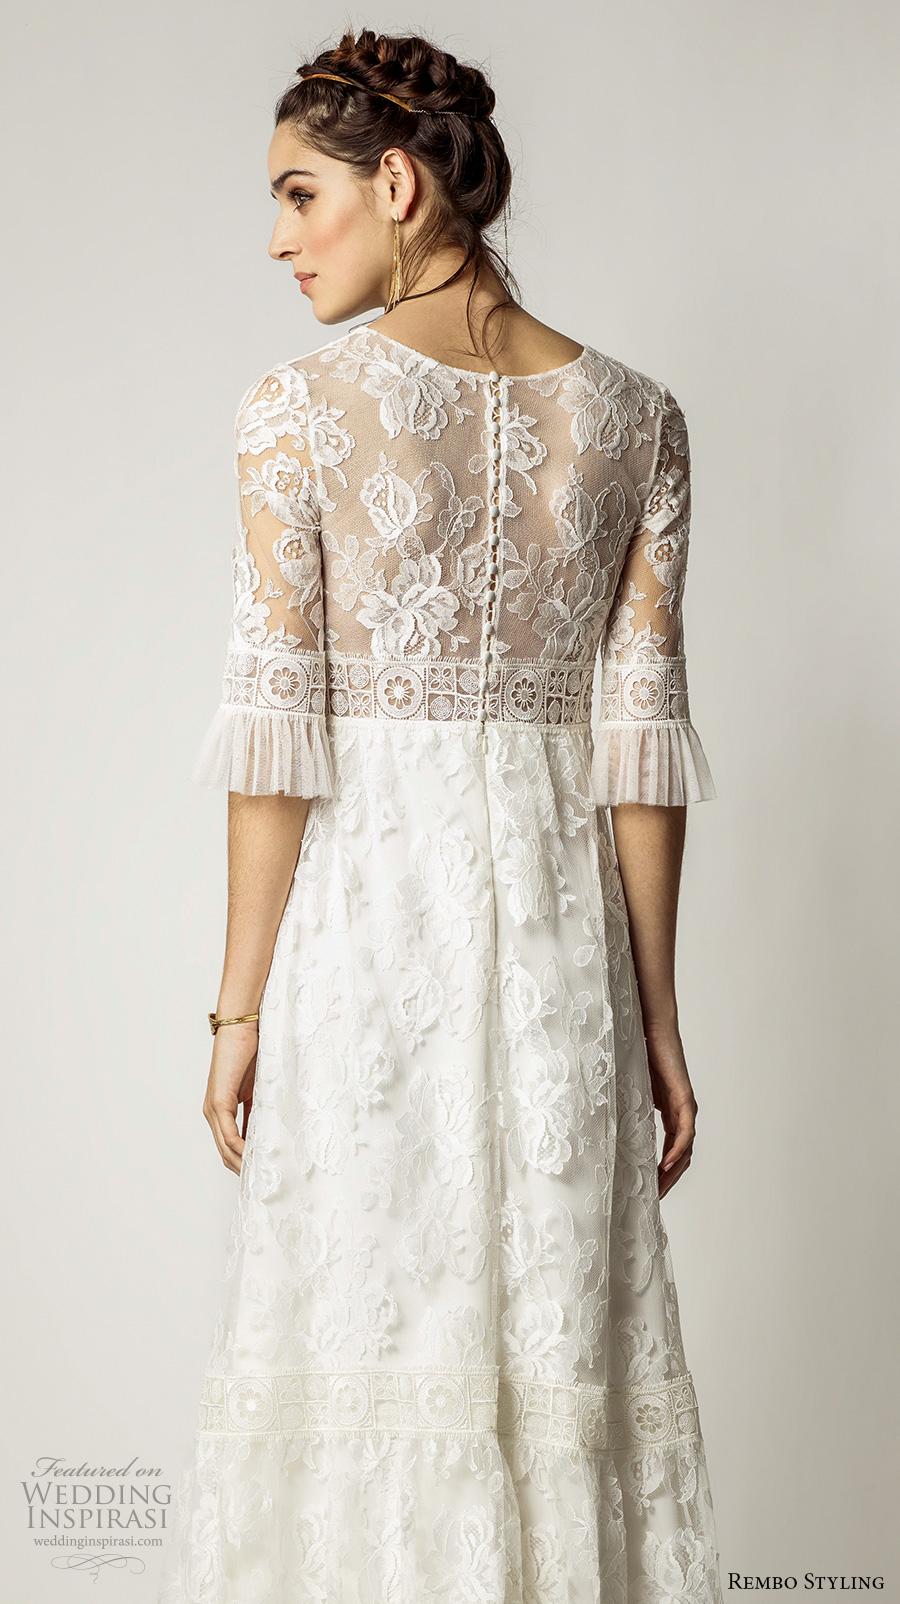 Lace Maternity Wedding Dresses 33 Beautiful rembo styling bridal lace